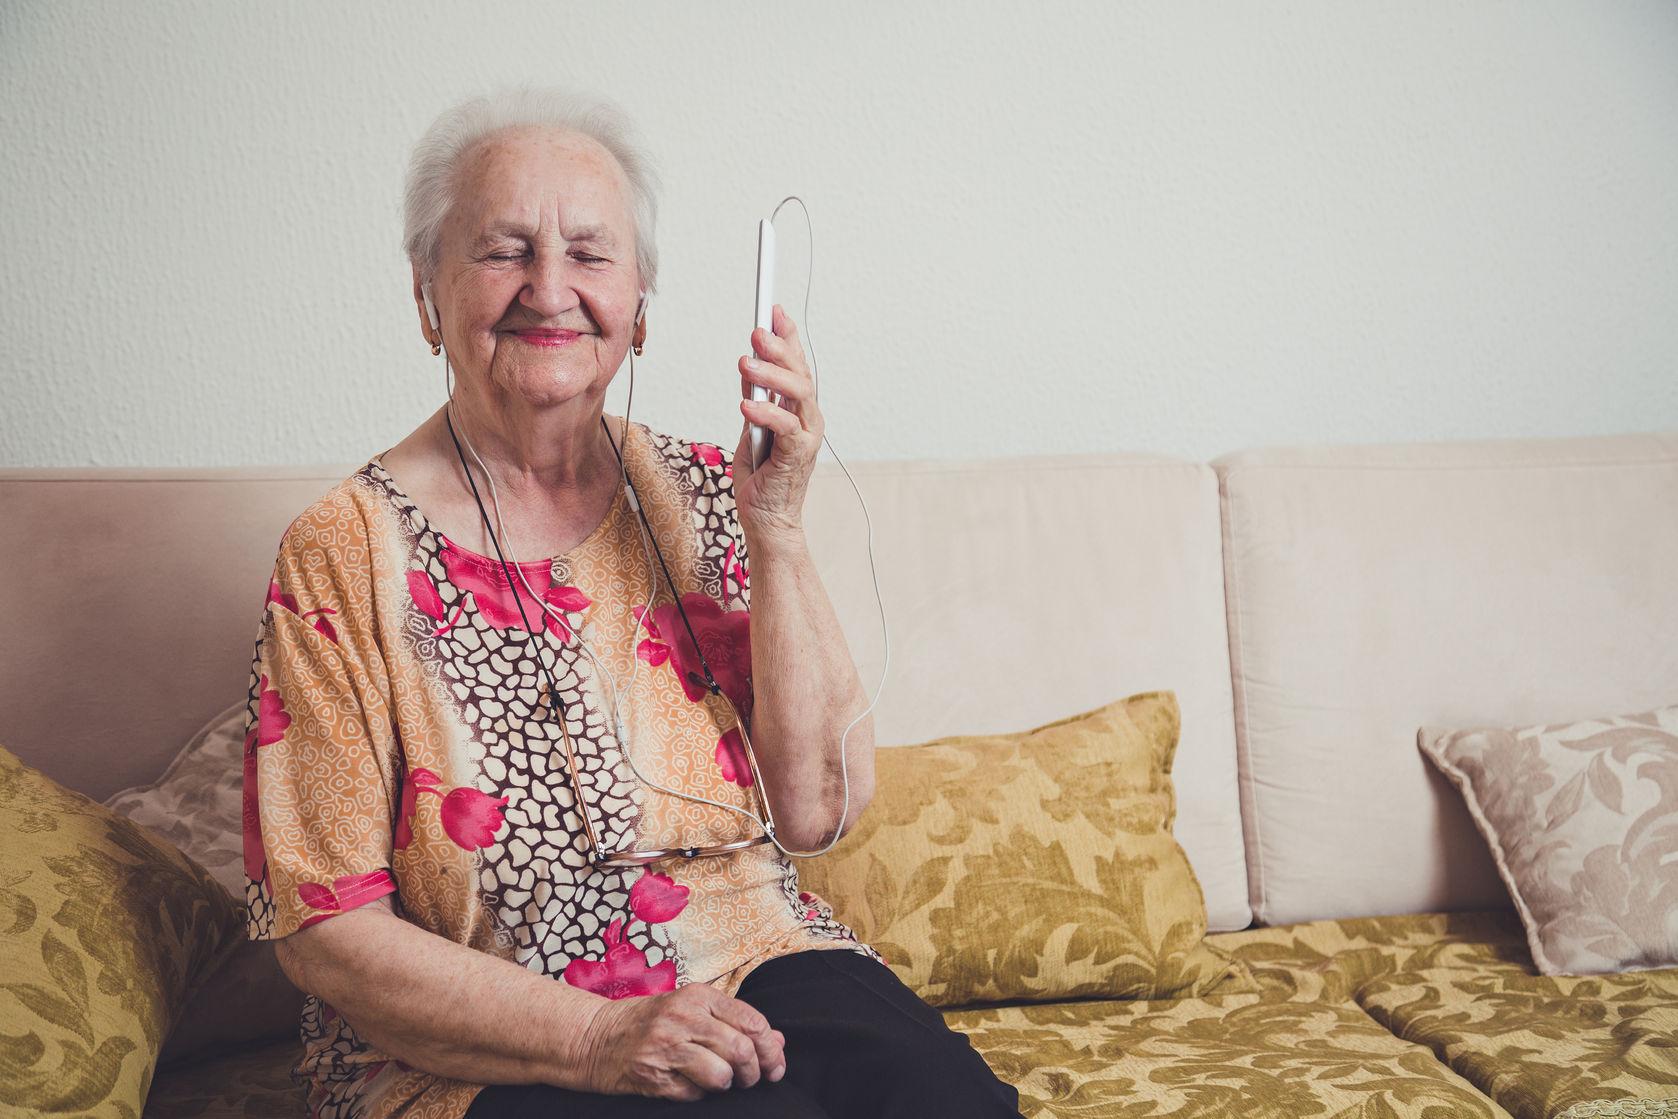 Mantenerse en contacto a través de la tecnología ayuda a la salud mental